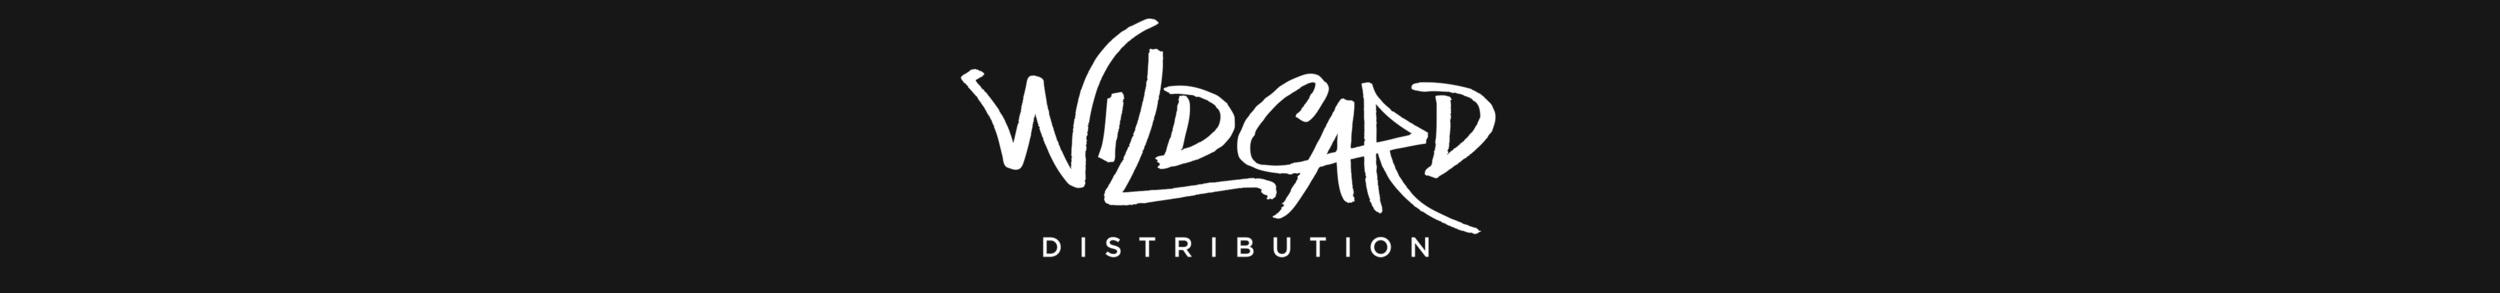 IntWebsite_Clients_White_Wildcard.jpg